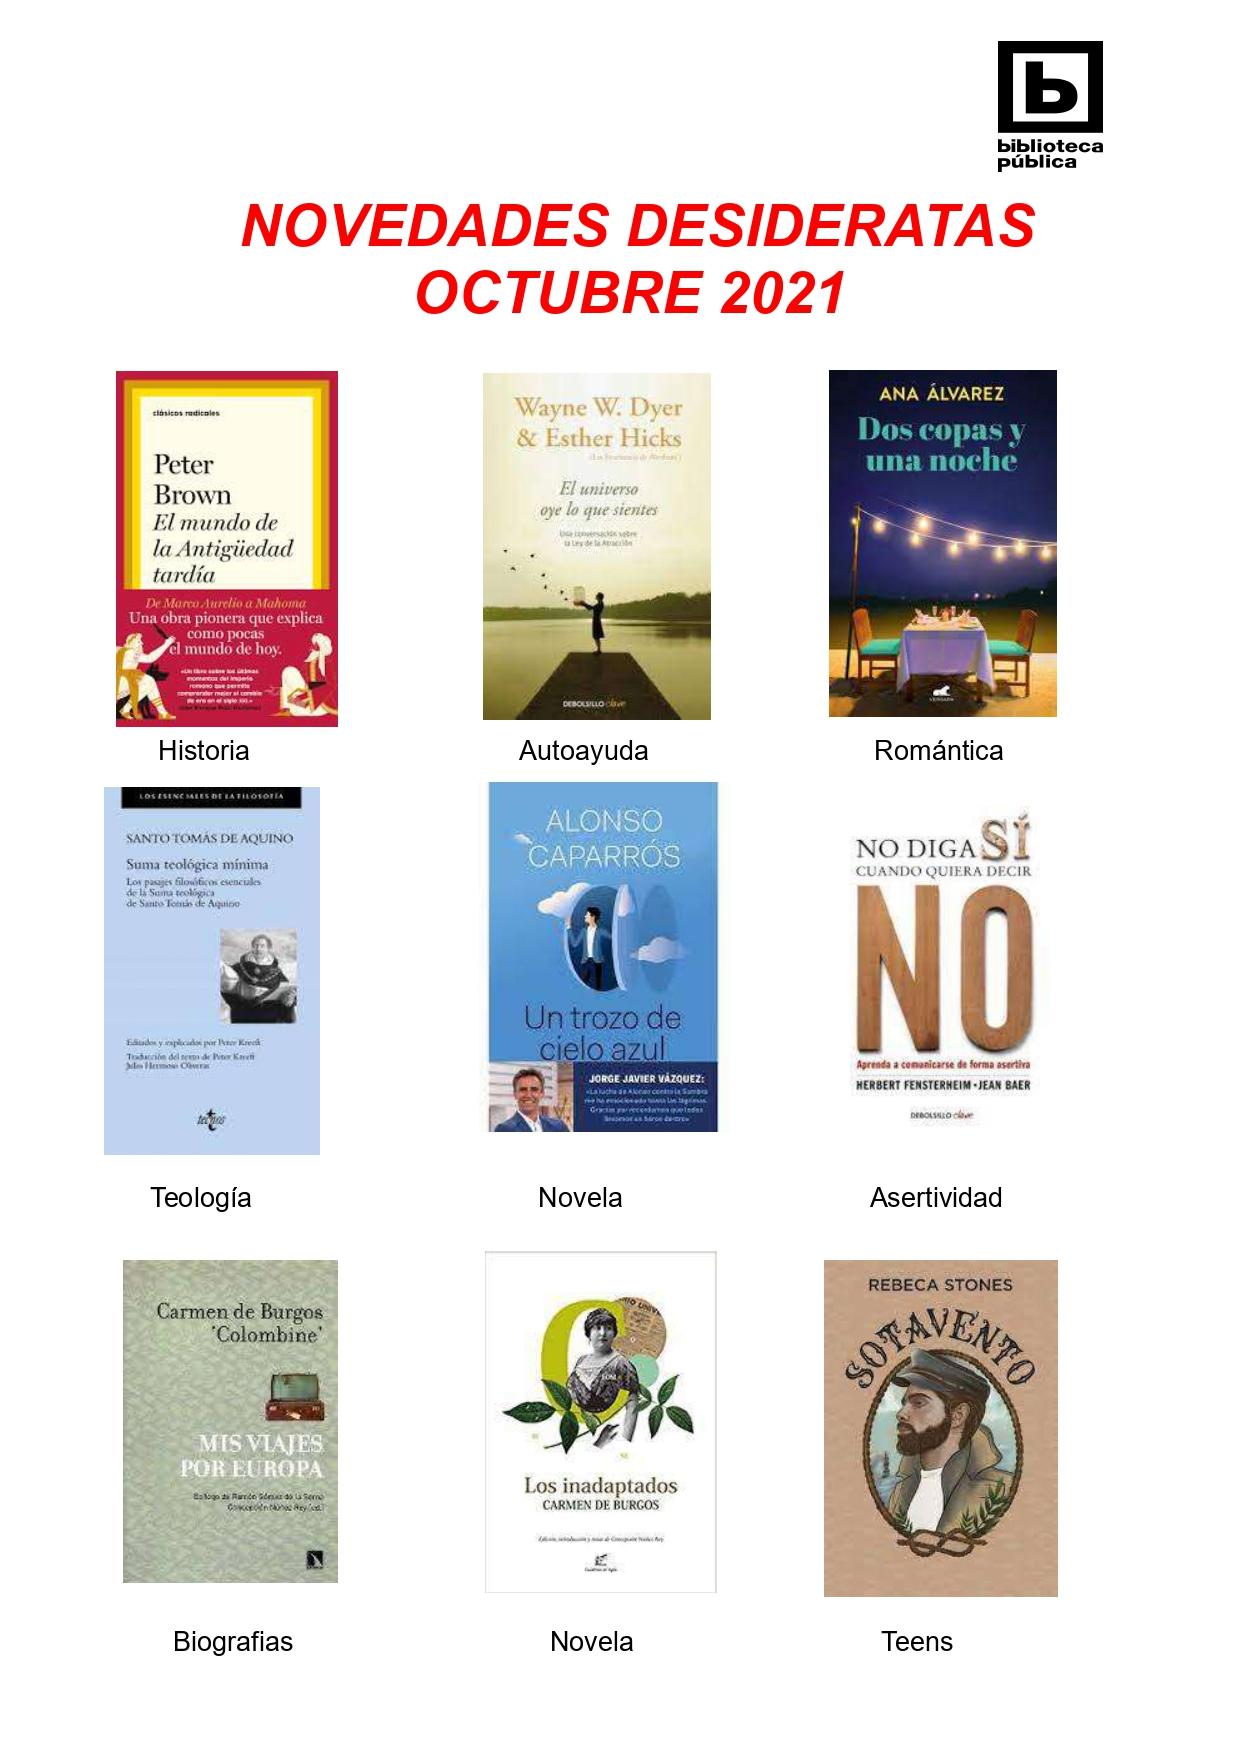 NOVEDADES DESIDERATAS DE OCTUBRE 2021